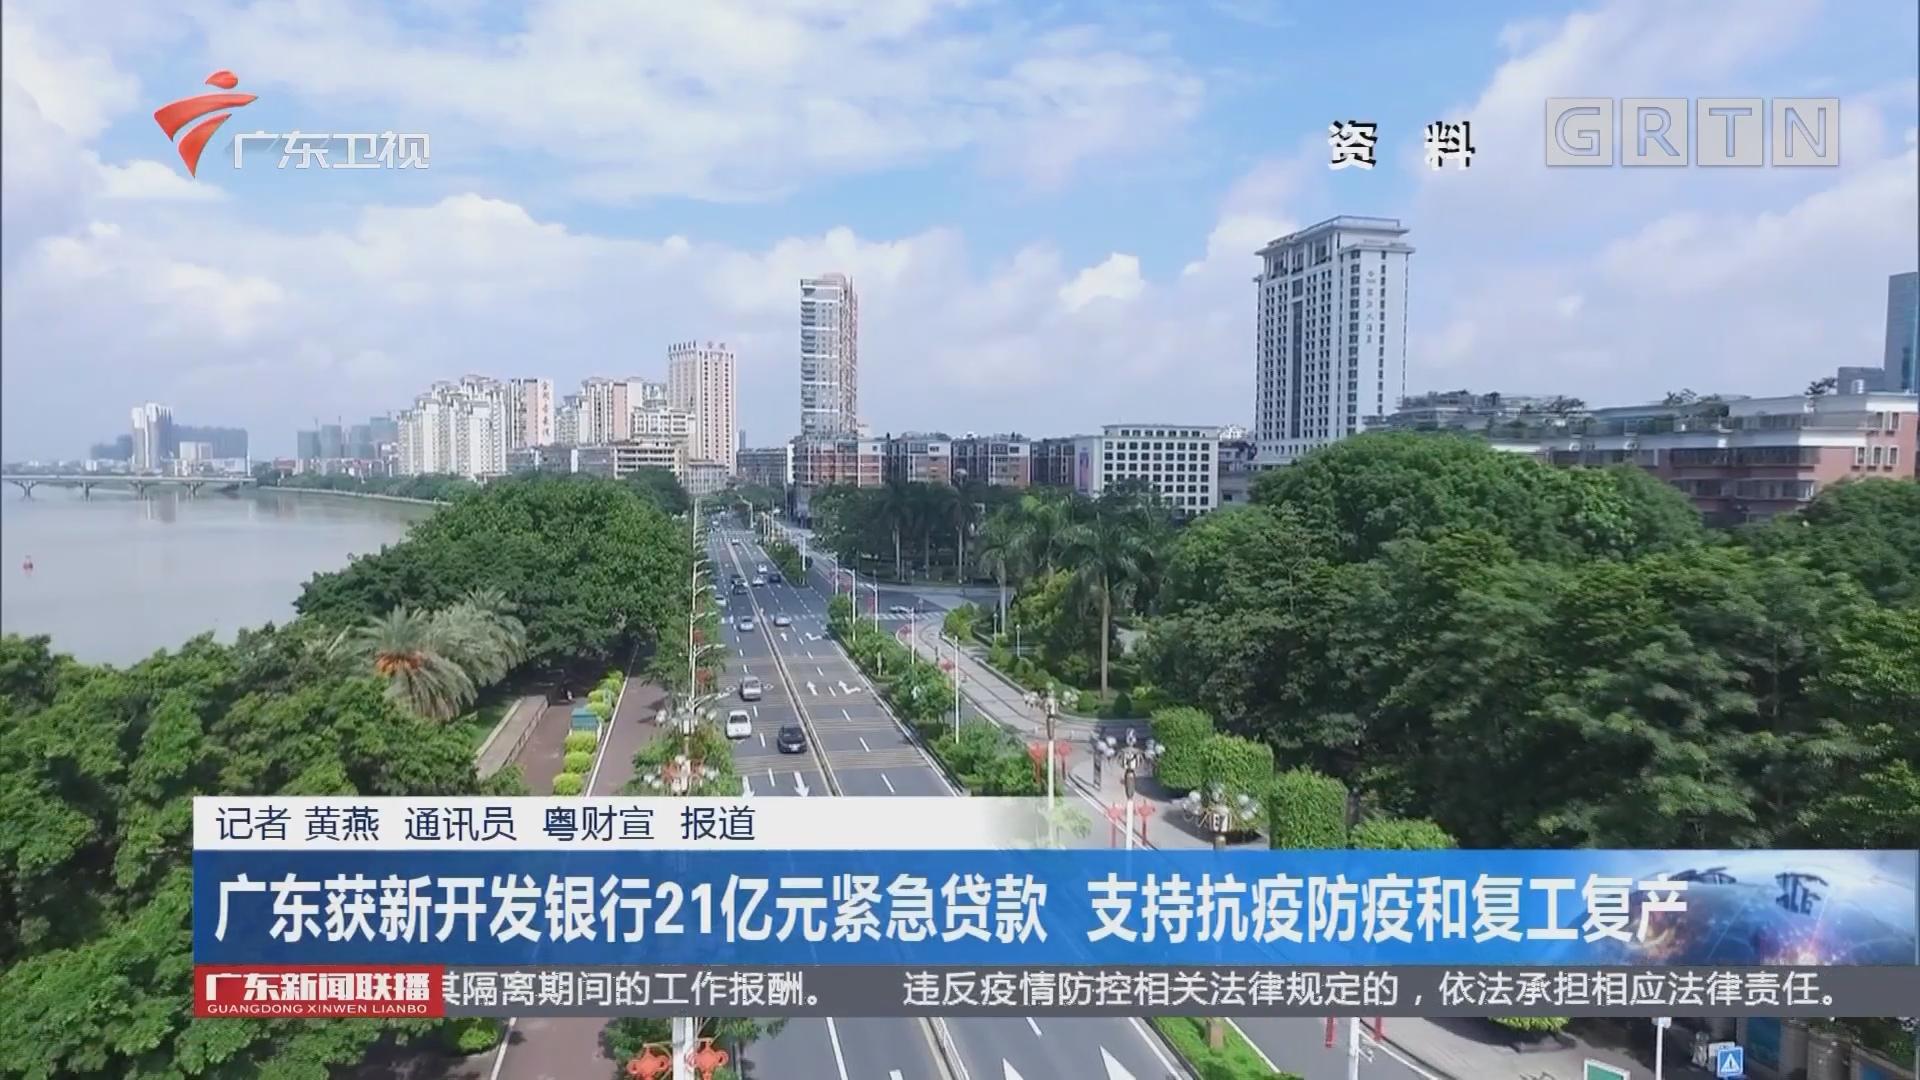 廣東獲新開發銀行21億元緊急貸款 支持抗疫防疫和復工復產